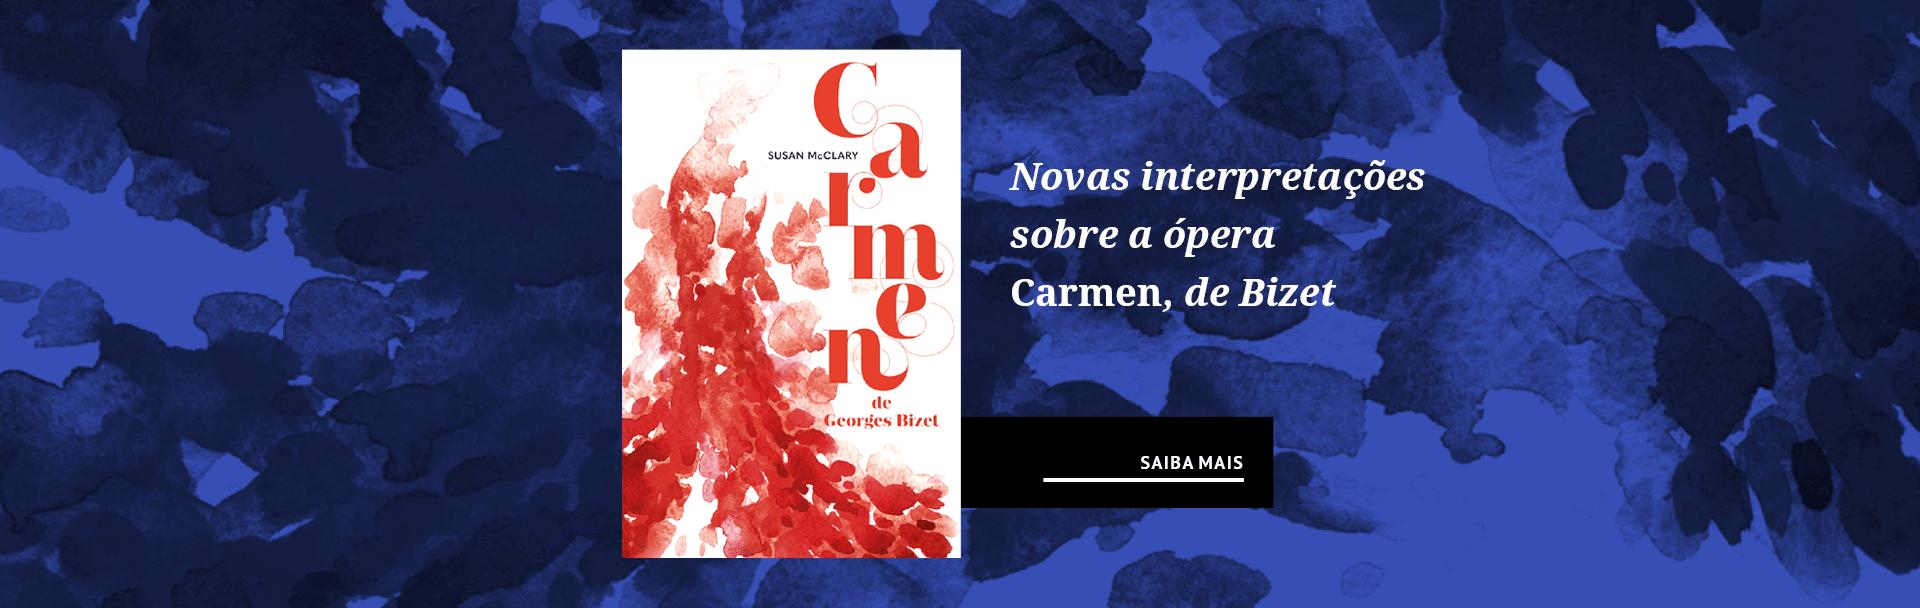 Novas interpretações sobre a ópera Carmen, de Bizet